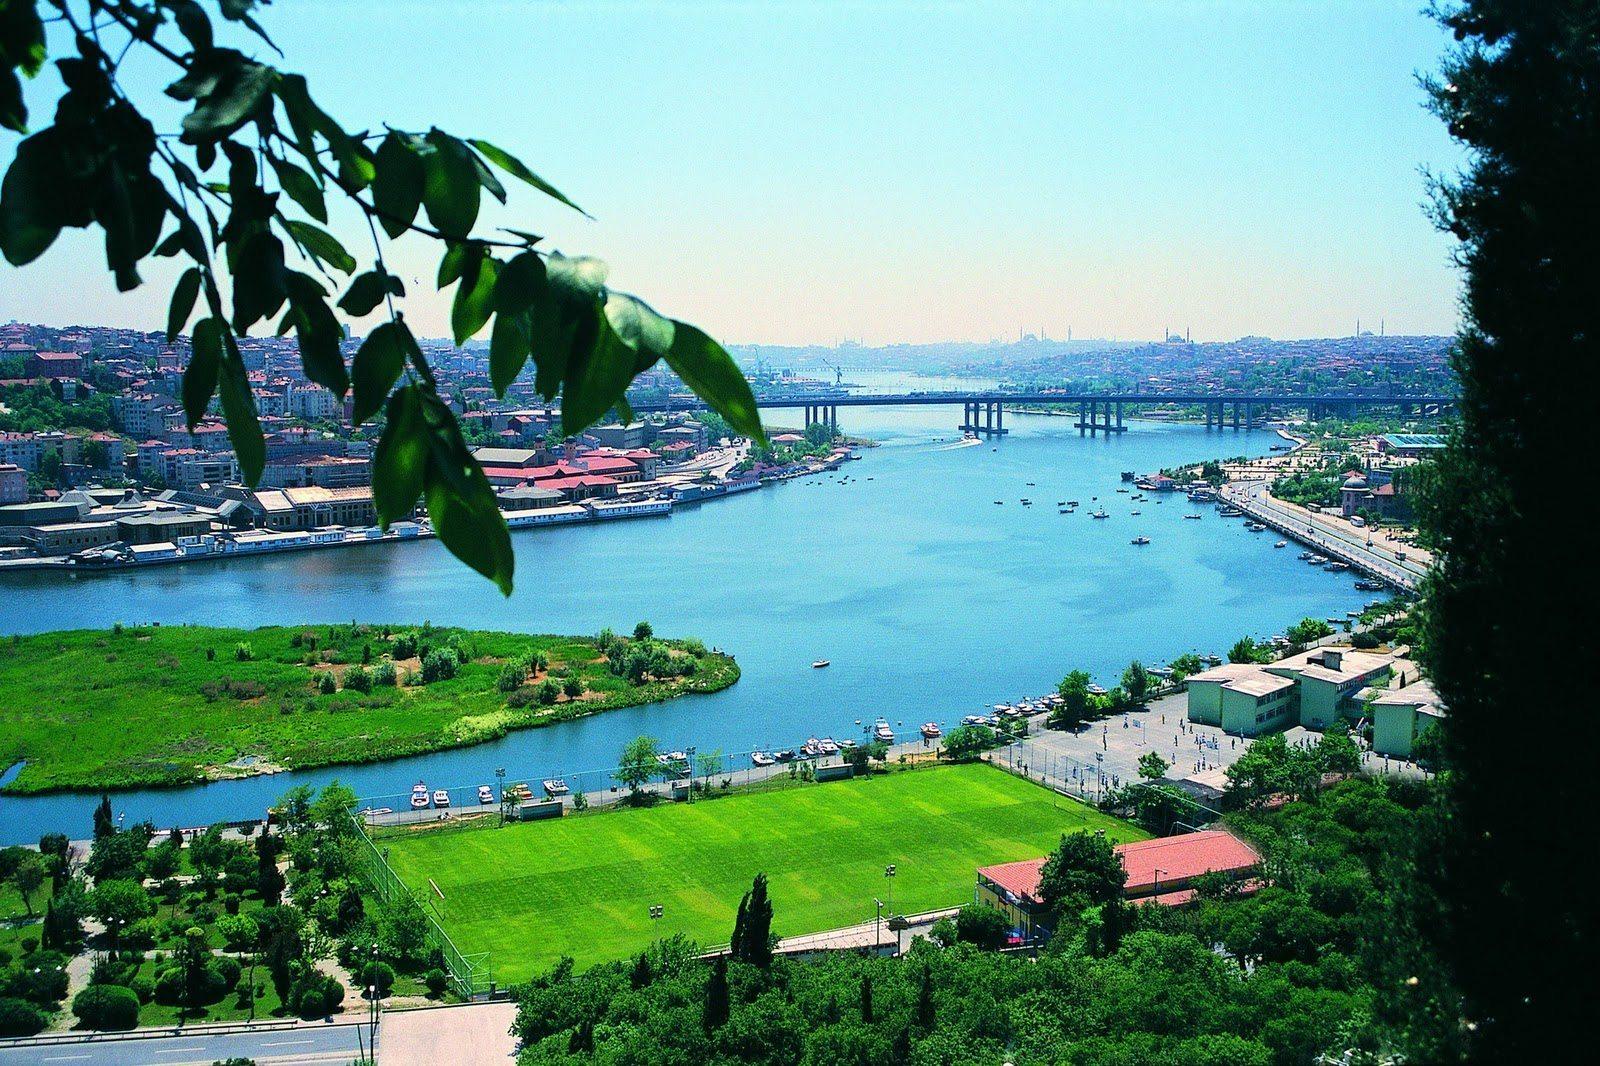 أنشطة في منطقة شيلا أسطنبول تركيا | اهم الانشطة السياحية فى منطقه شيلا اسطنبول